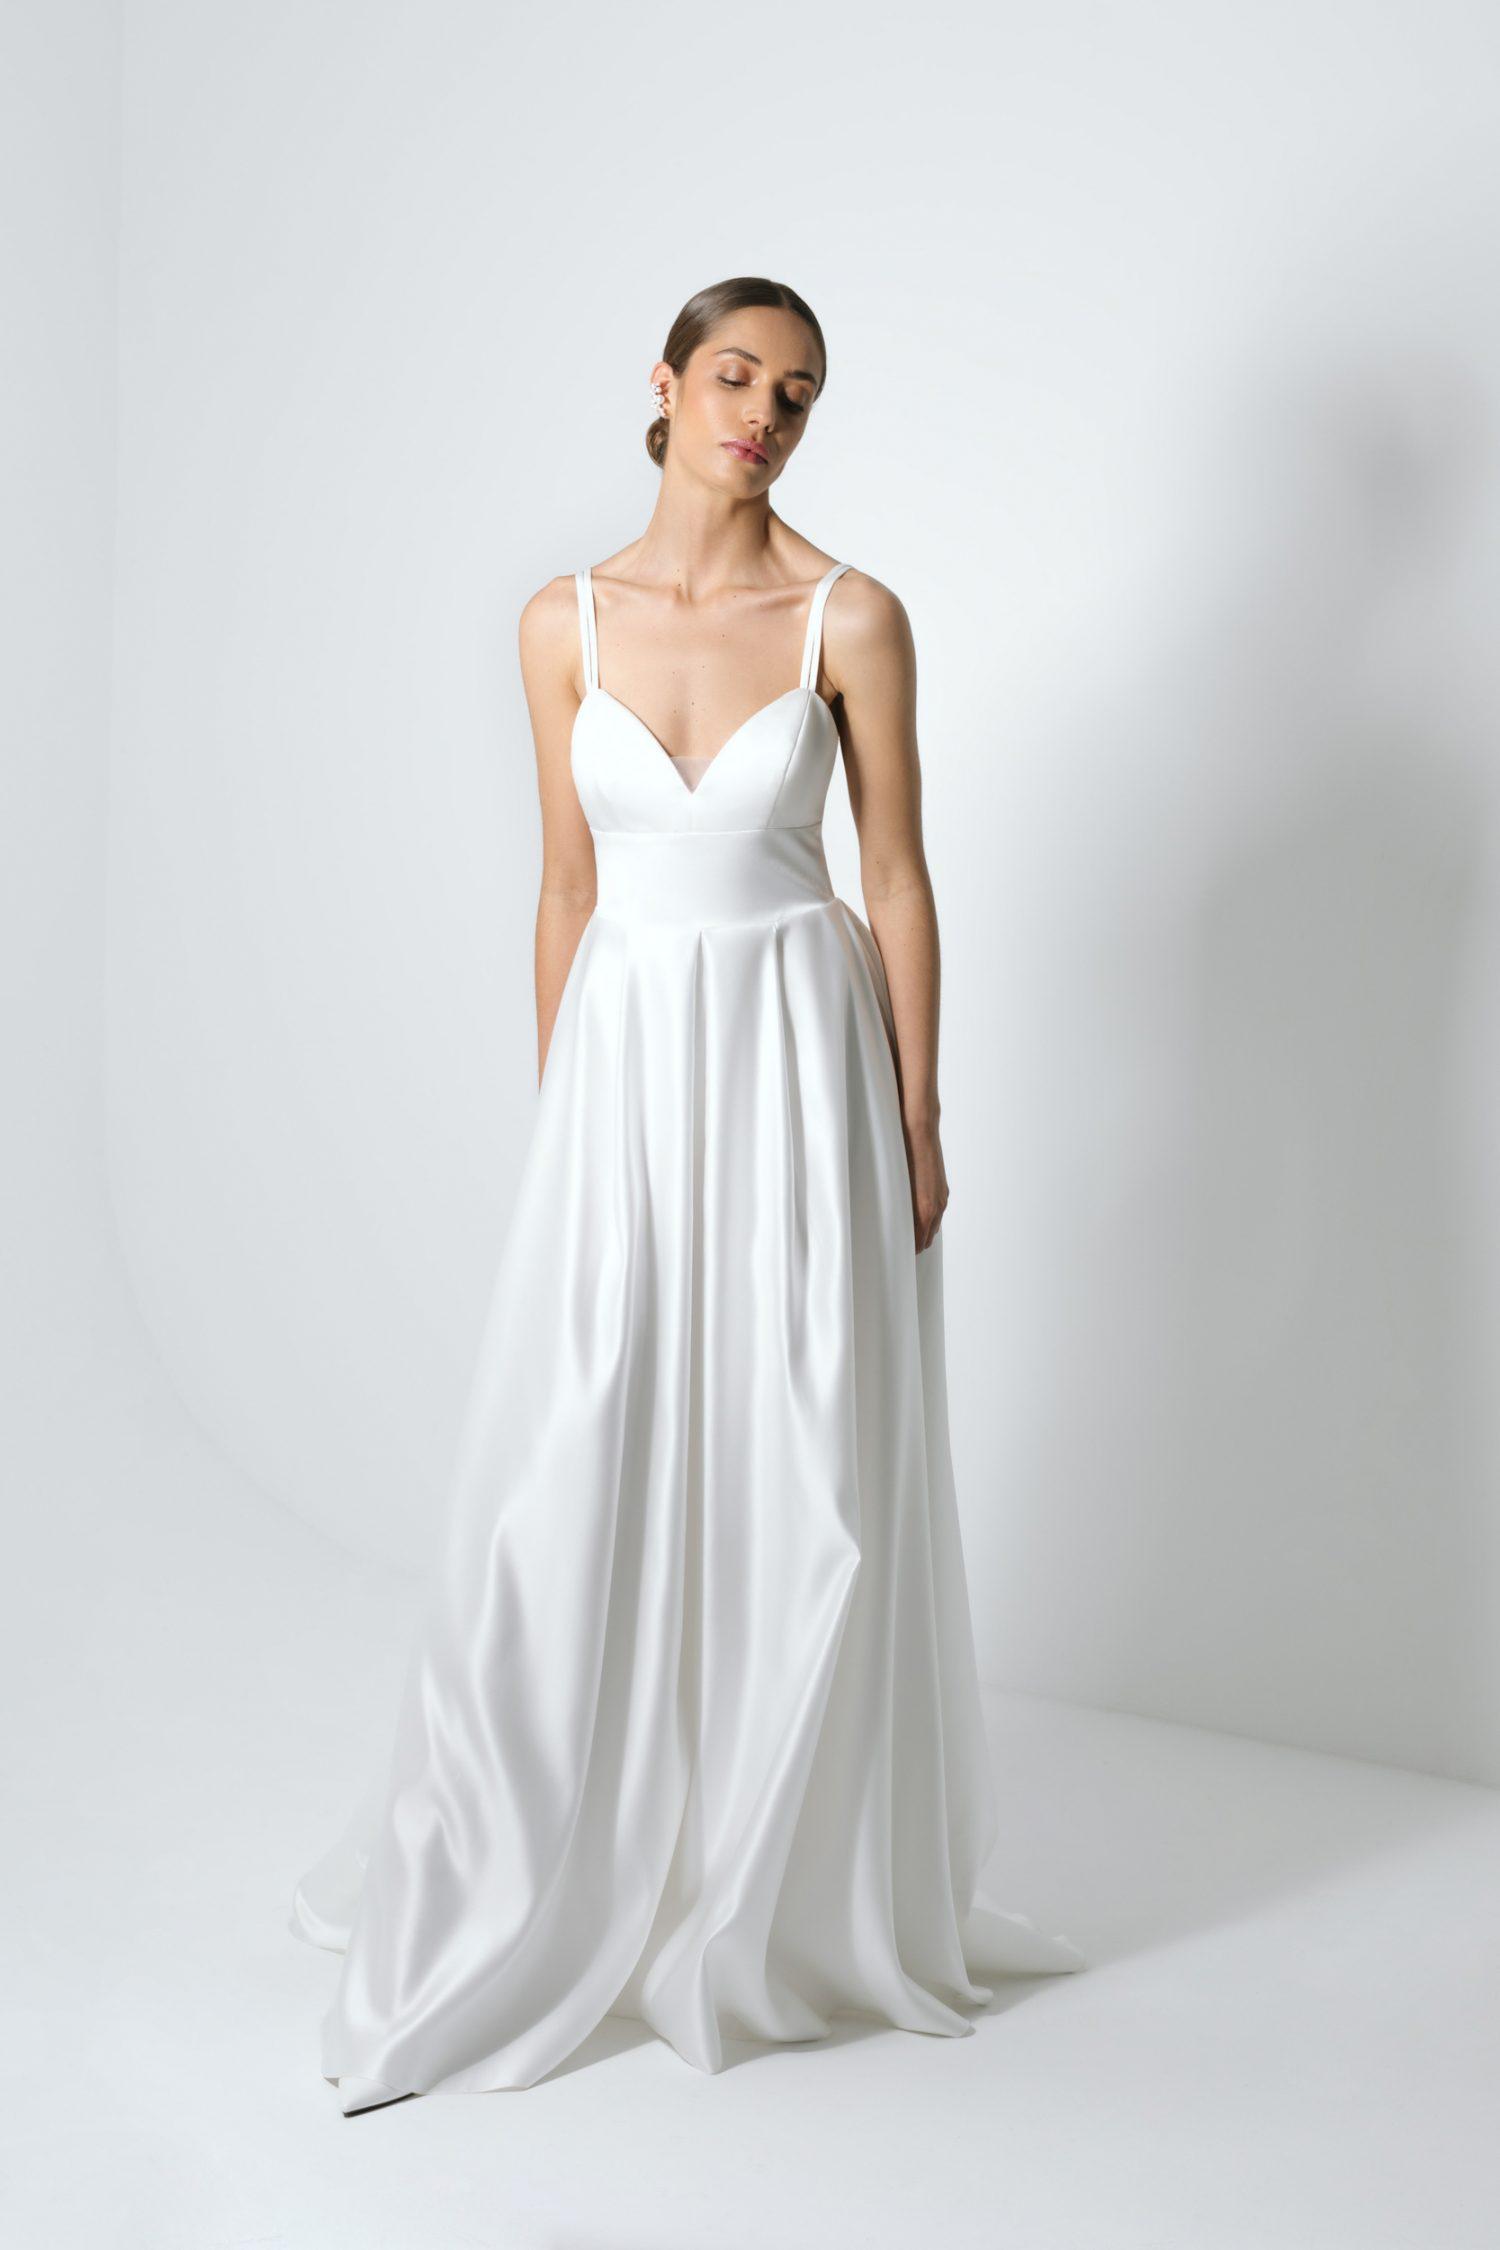 Vestido de noiva branco com corte princesa de decote em bico.